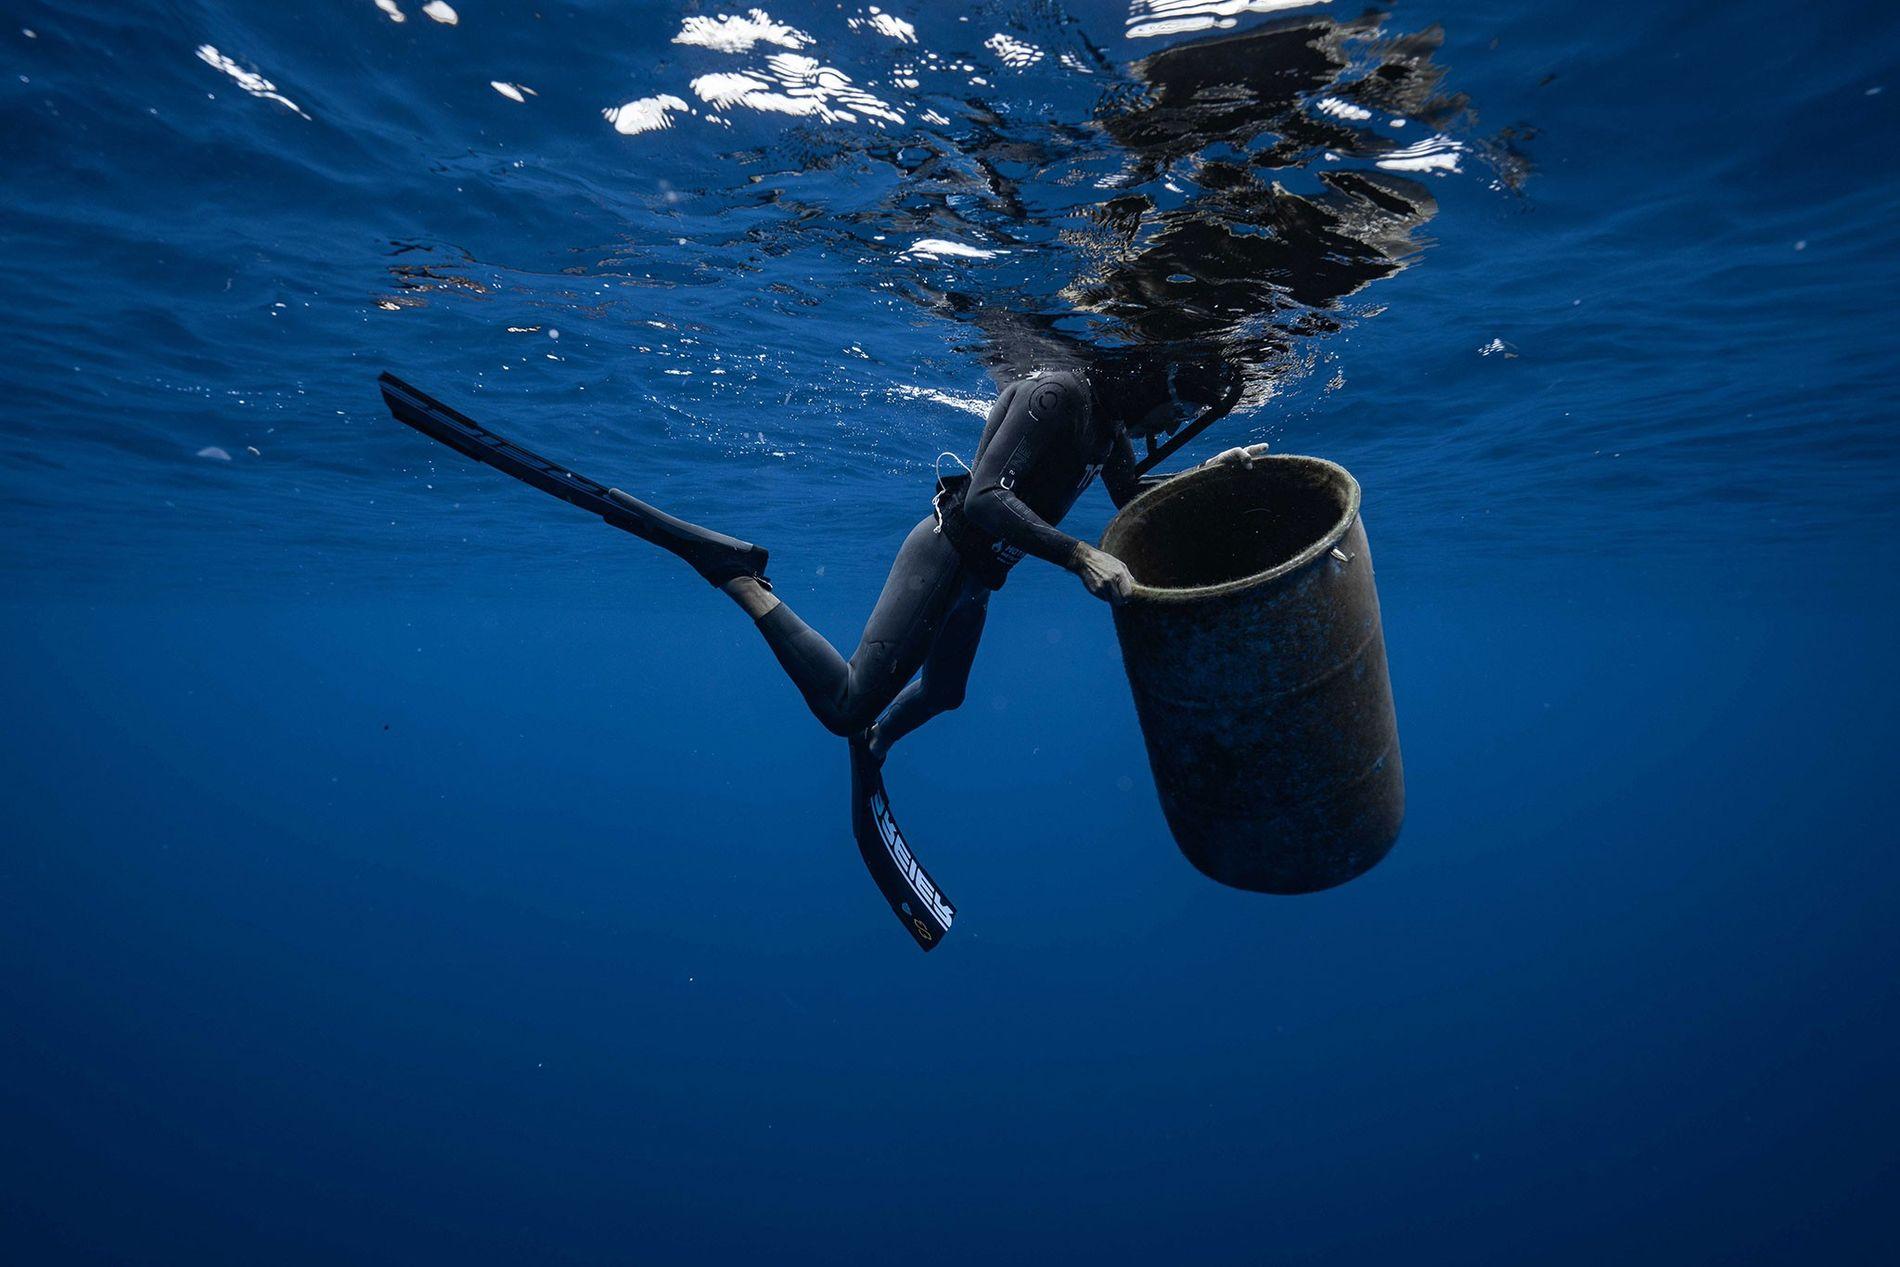 Ben Lecomte, nadador de longa distância, com um contentor de lixo encontrado na Grande Ilha de Lixo do Pacífico, um vórtice maciço de lixo plástico no Oceano Pacífico, entre a Califórnia e o Havai. Lecomte está a nadar no lixo para ajudar a recolher amostras de microplástico.